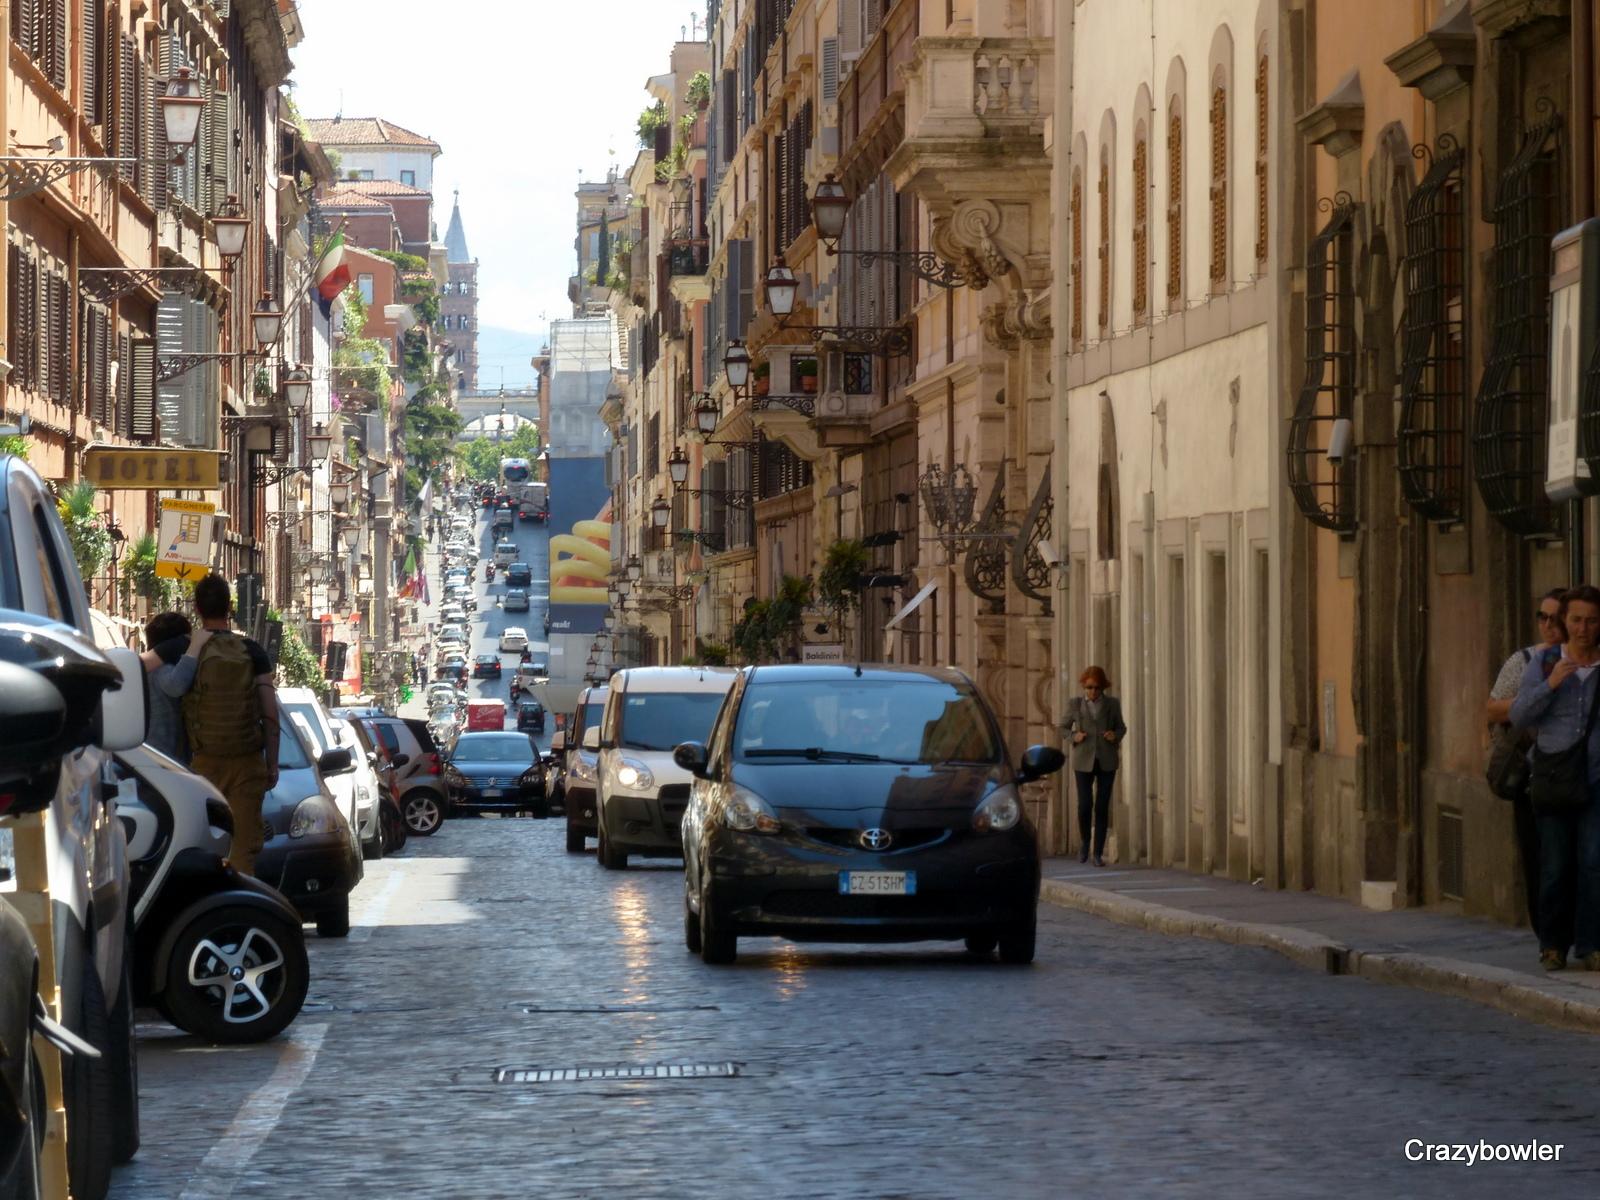 ローマ・システィナ通り(Via Sistina)のスリバチ